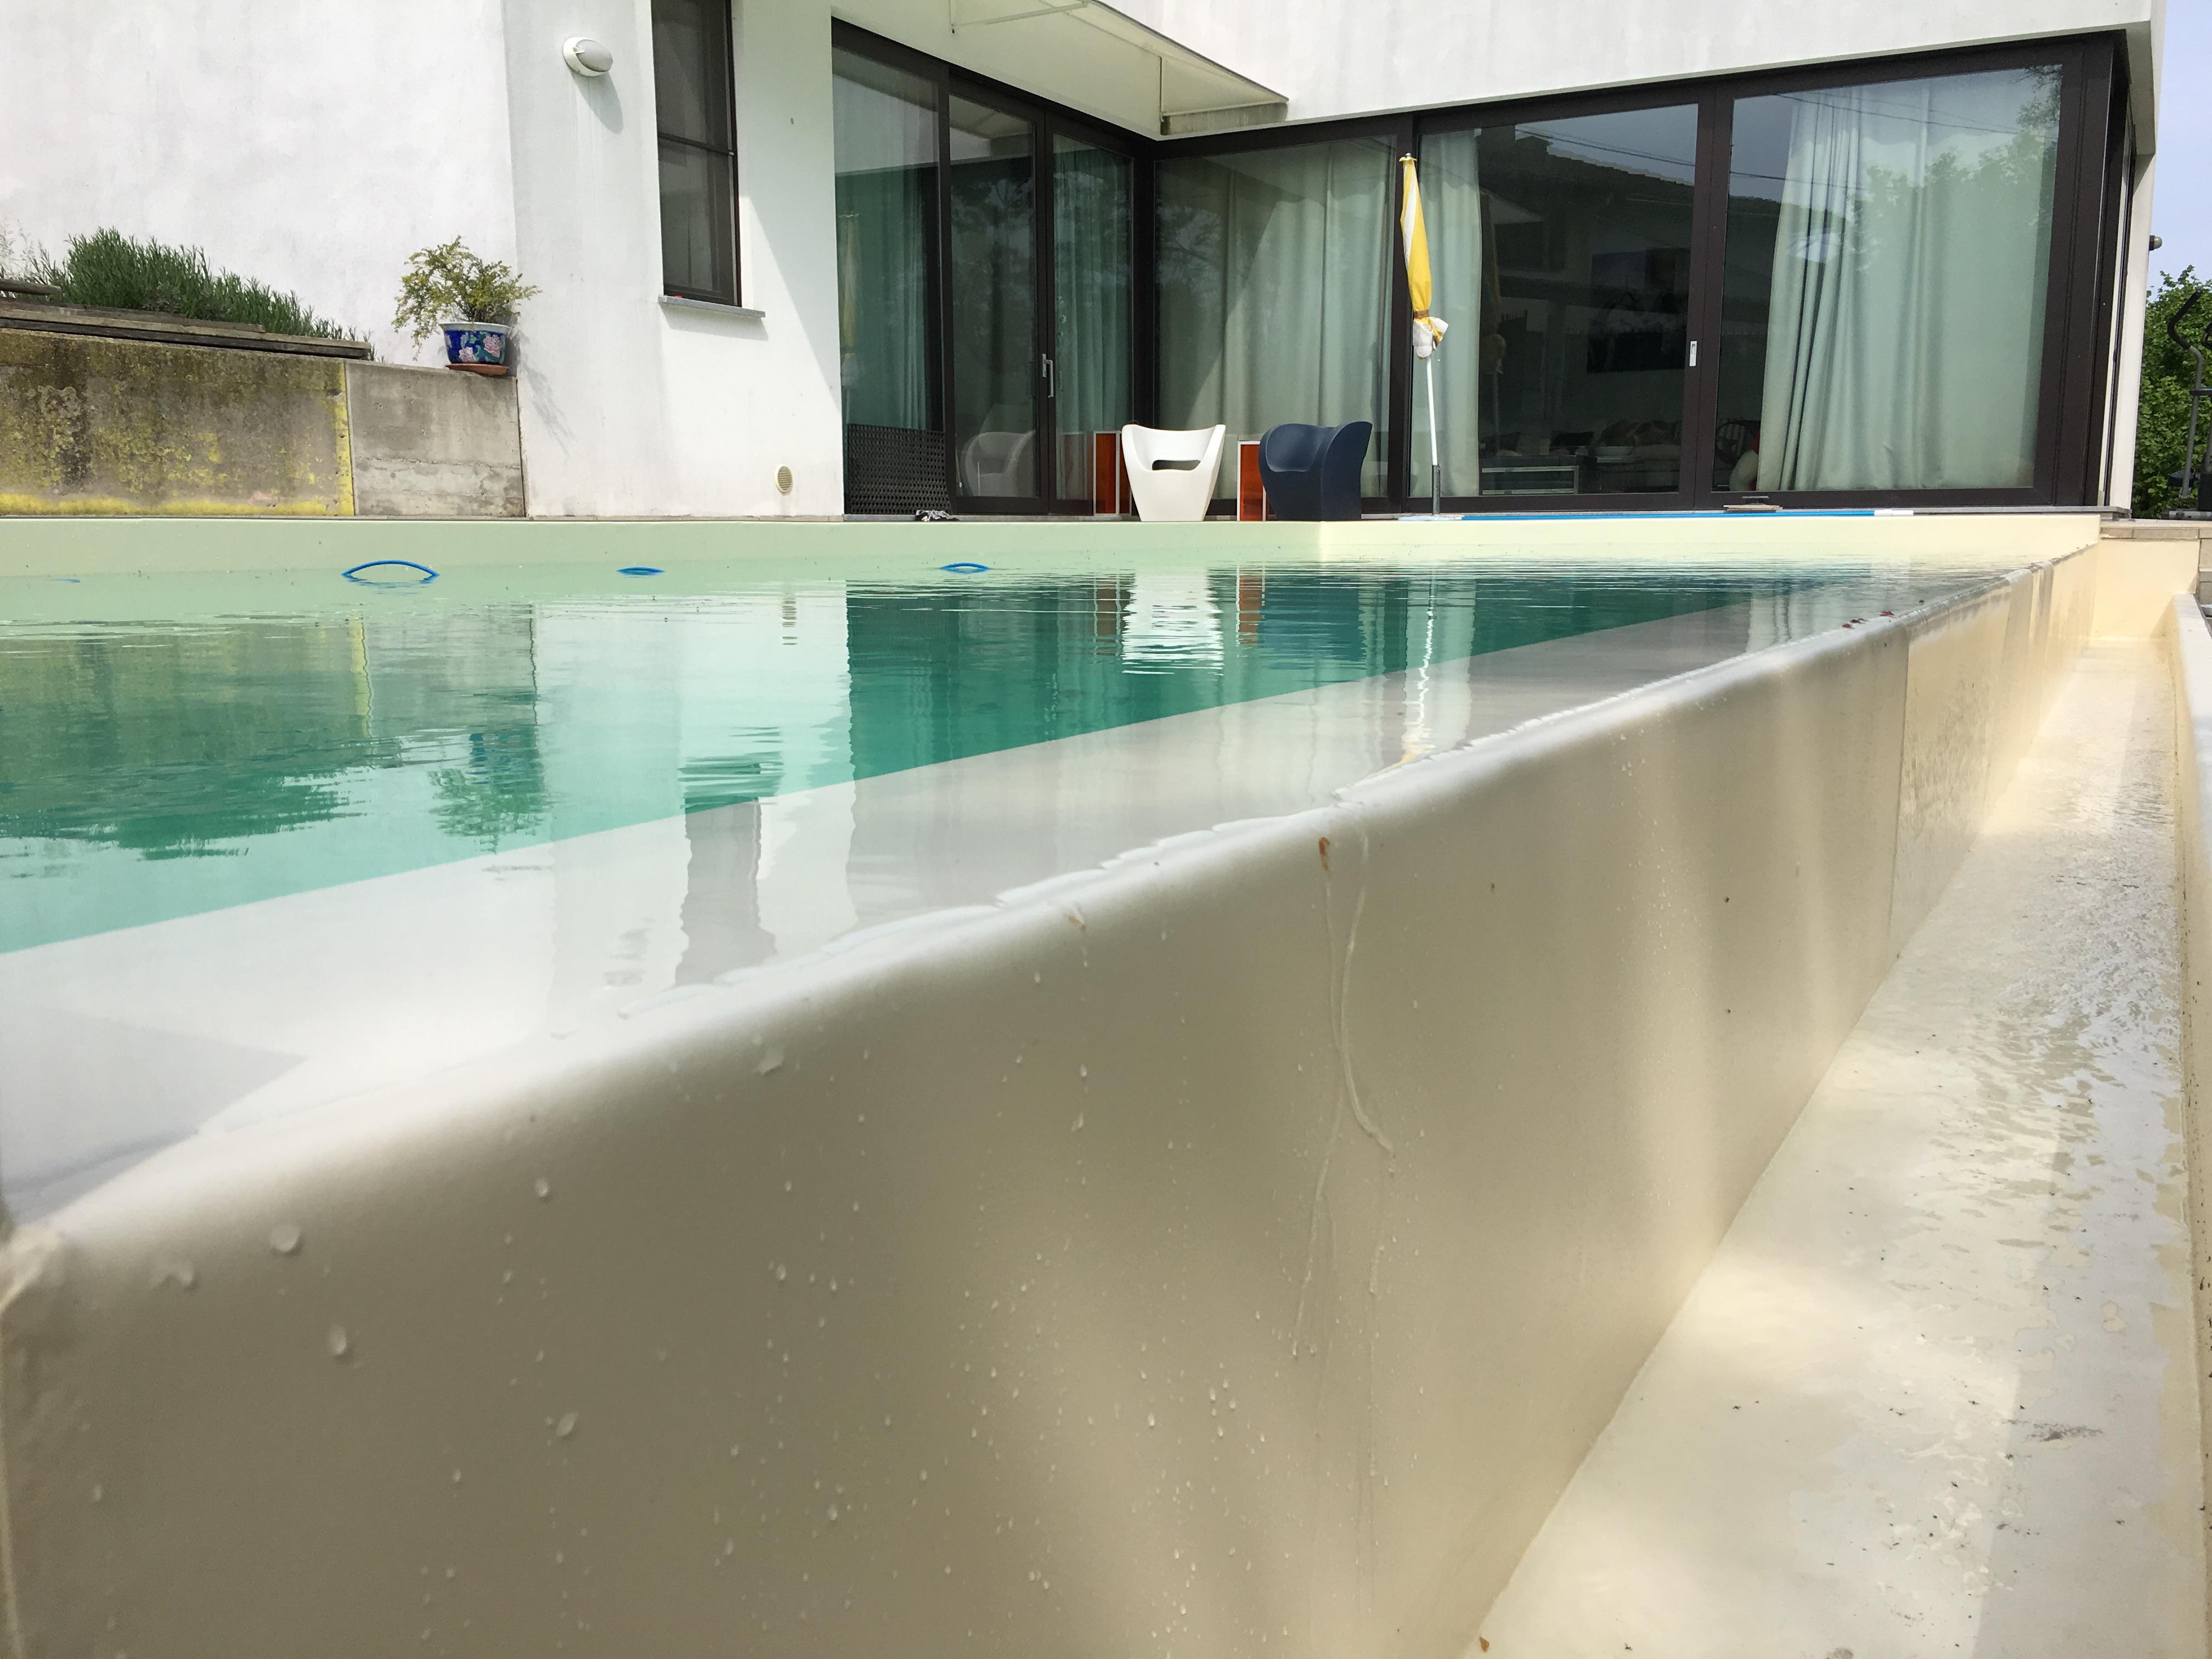 Piscine Sfioro A Cascata piscina interrata a sfioro con cascata infinity - aepiscine